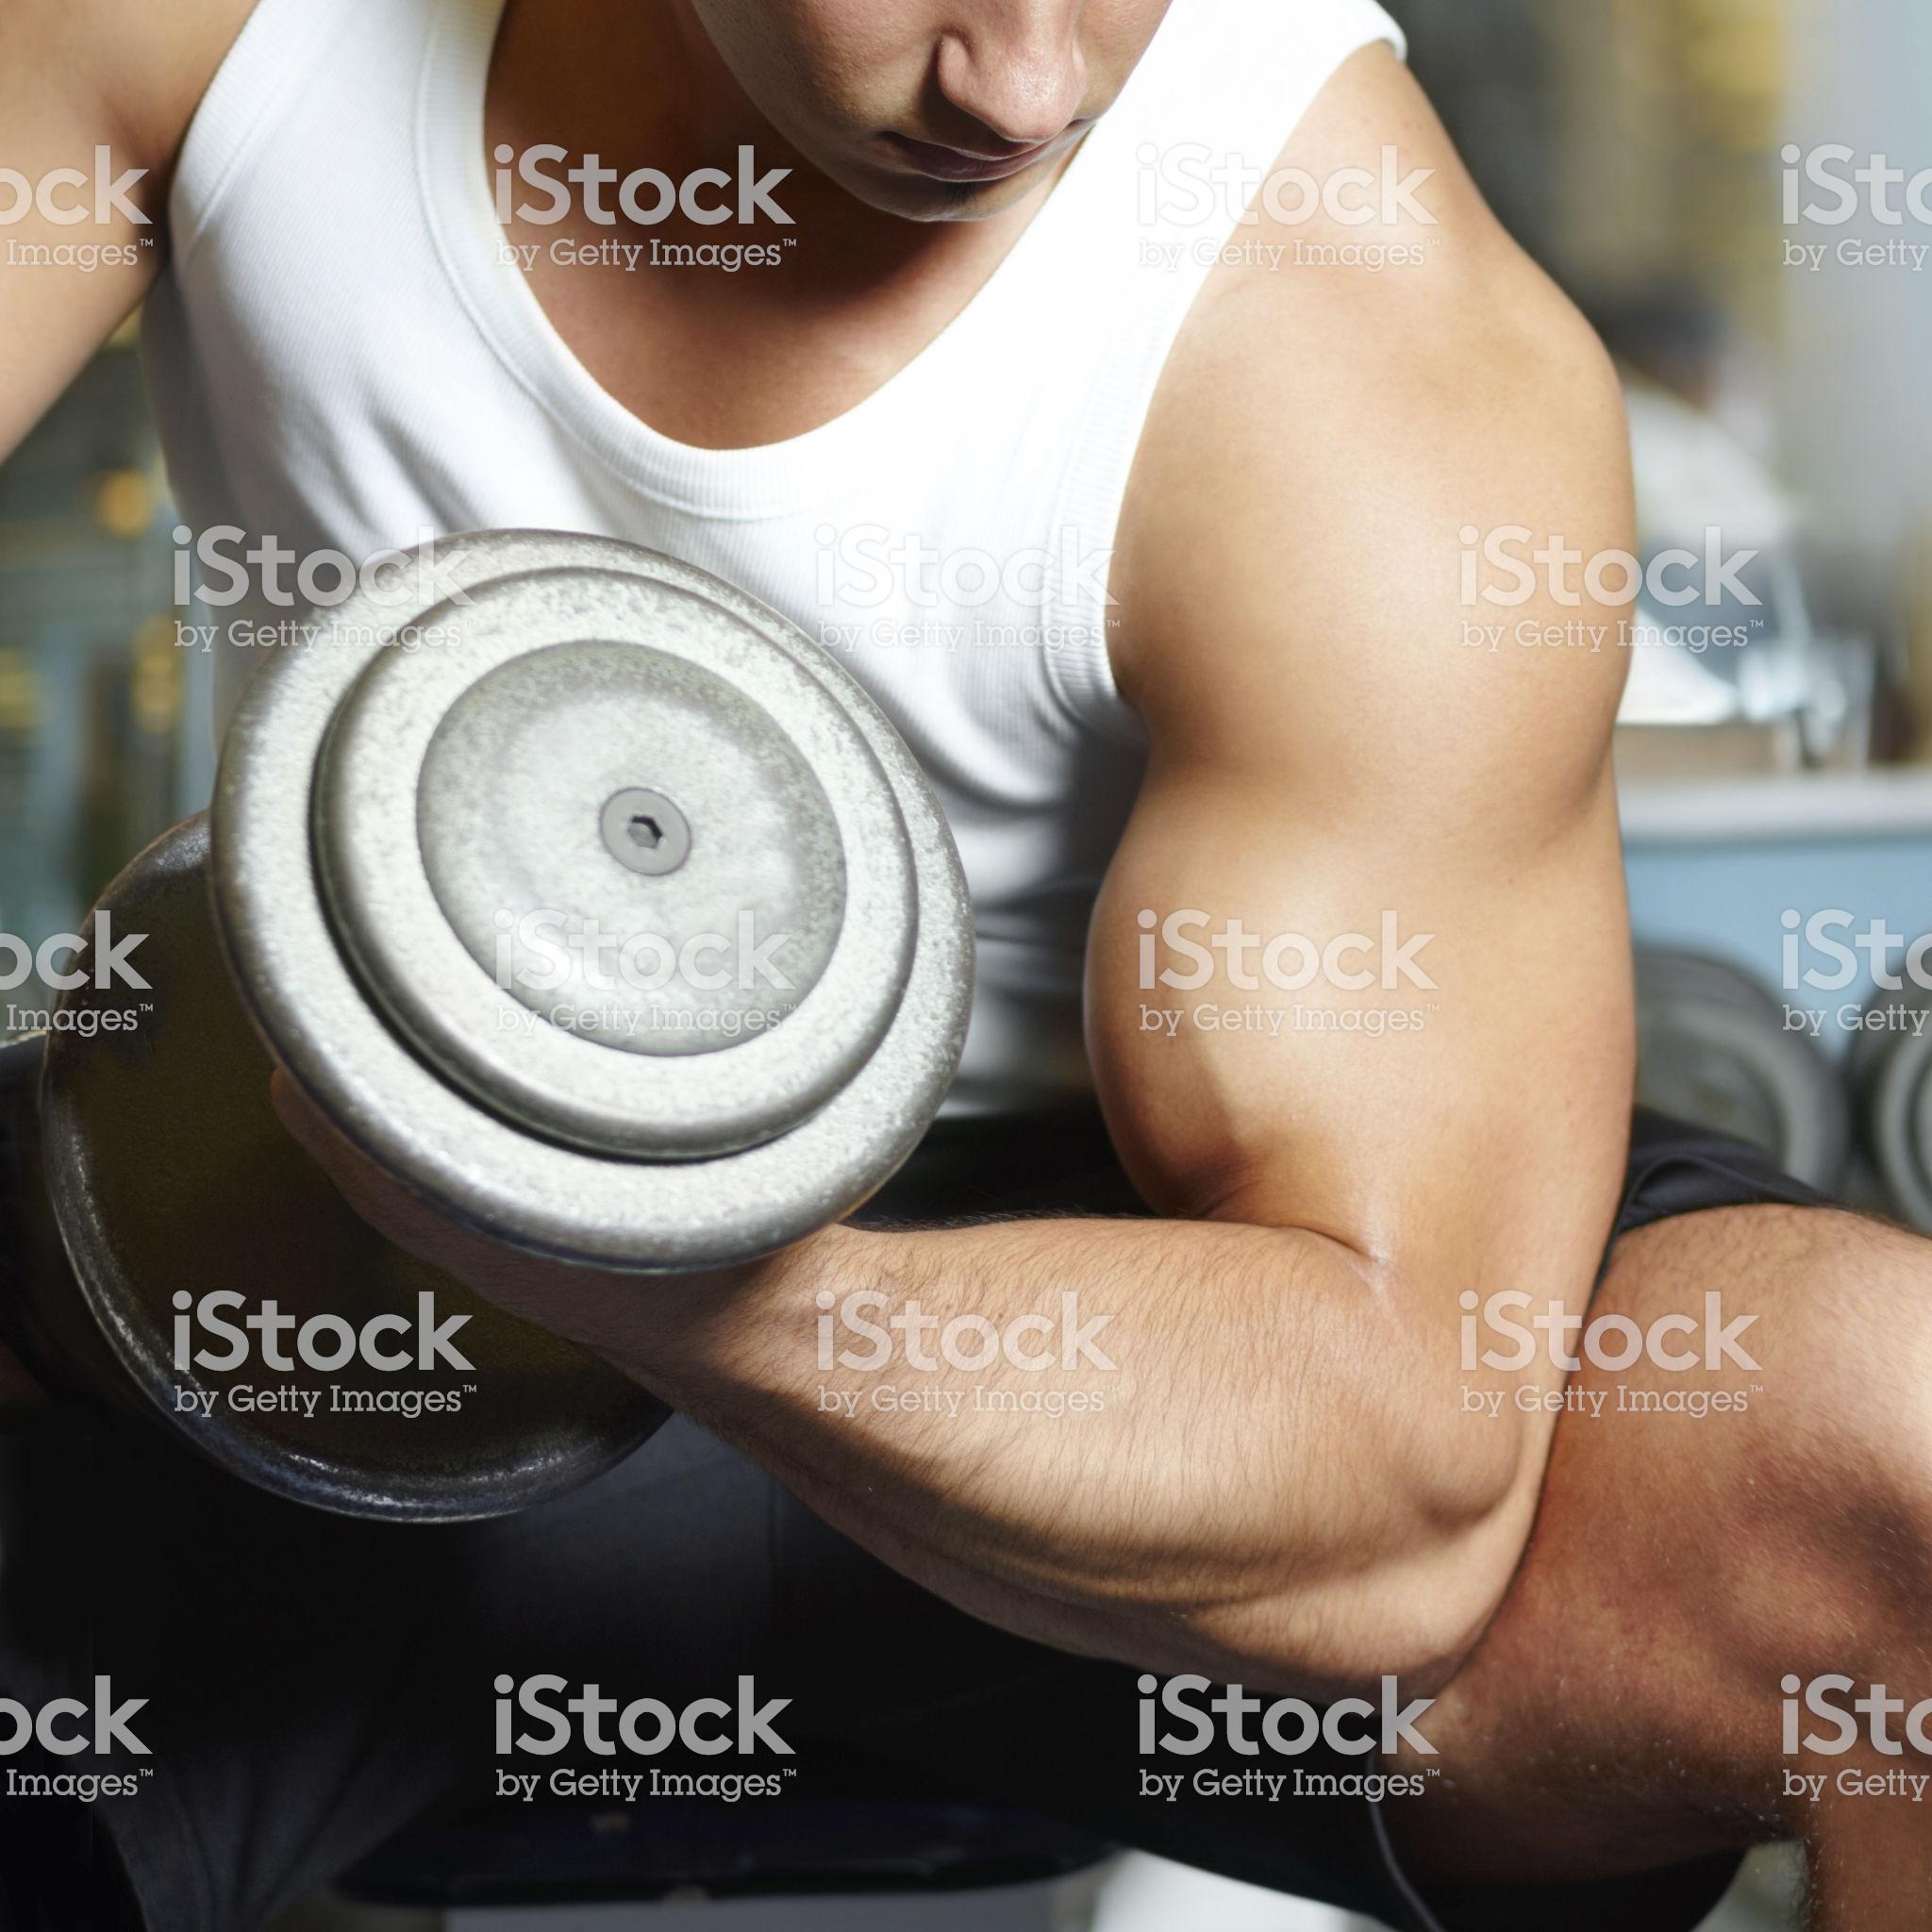 Bor oder Boron - gut für den Testosteronspiegel?